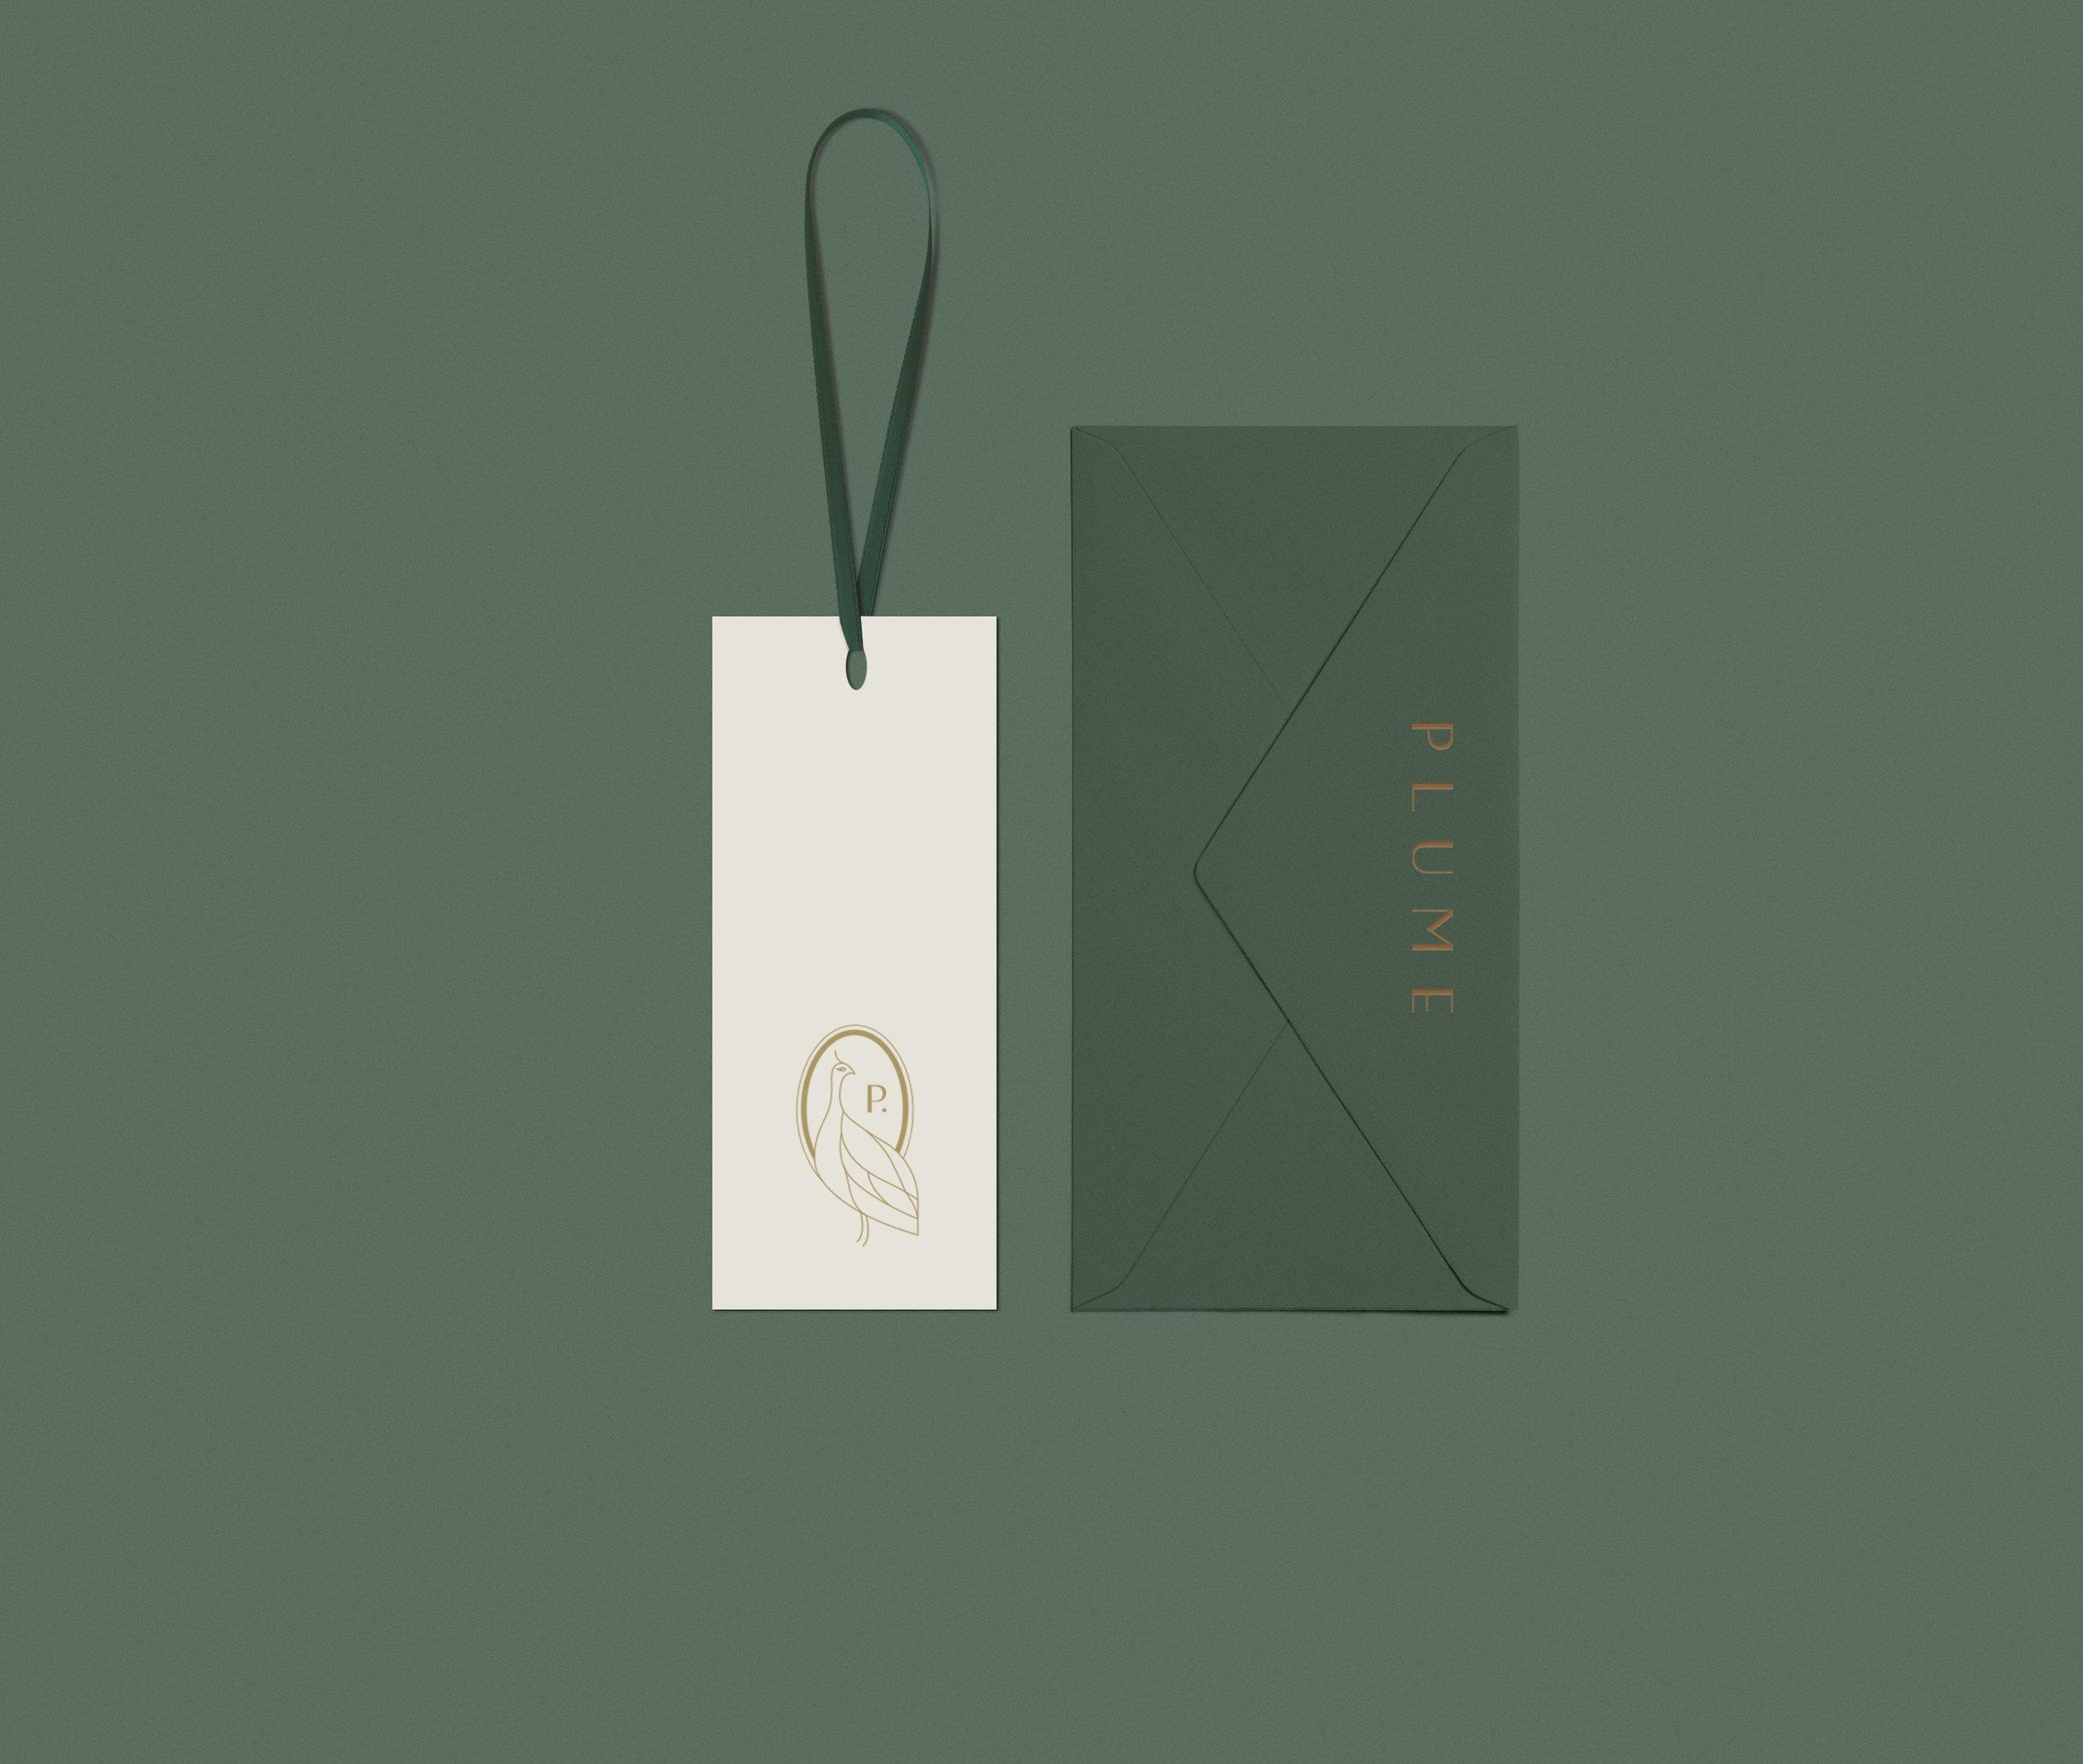 PLUME-swimwear-branding-tag-envelope-design-loolaadesigns.jpg